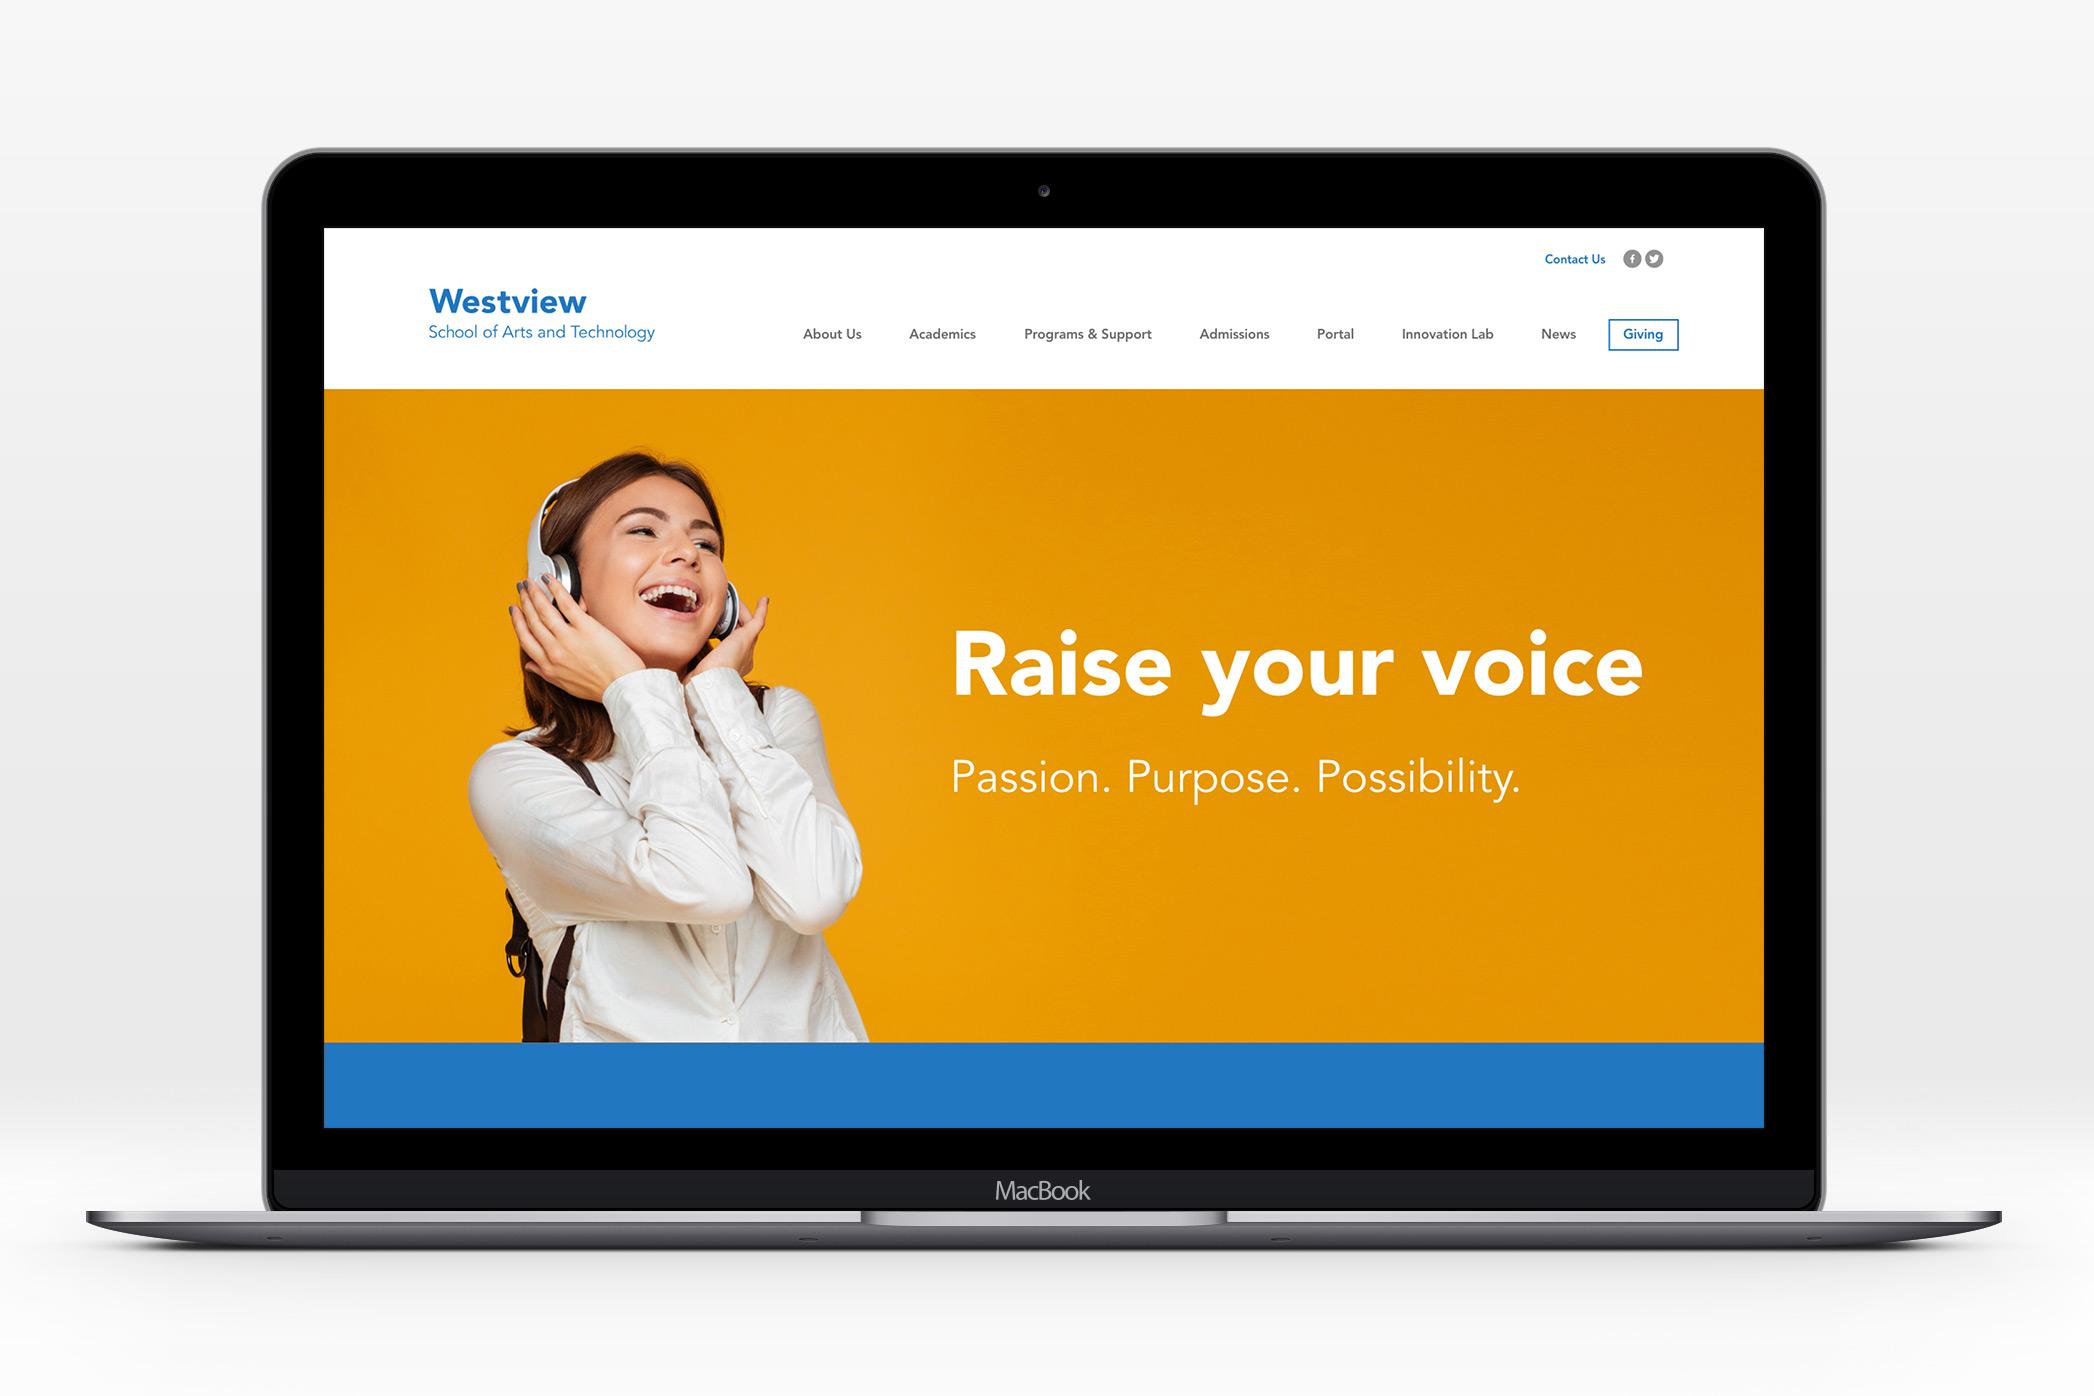 westview-web-mockup-3.jpg